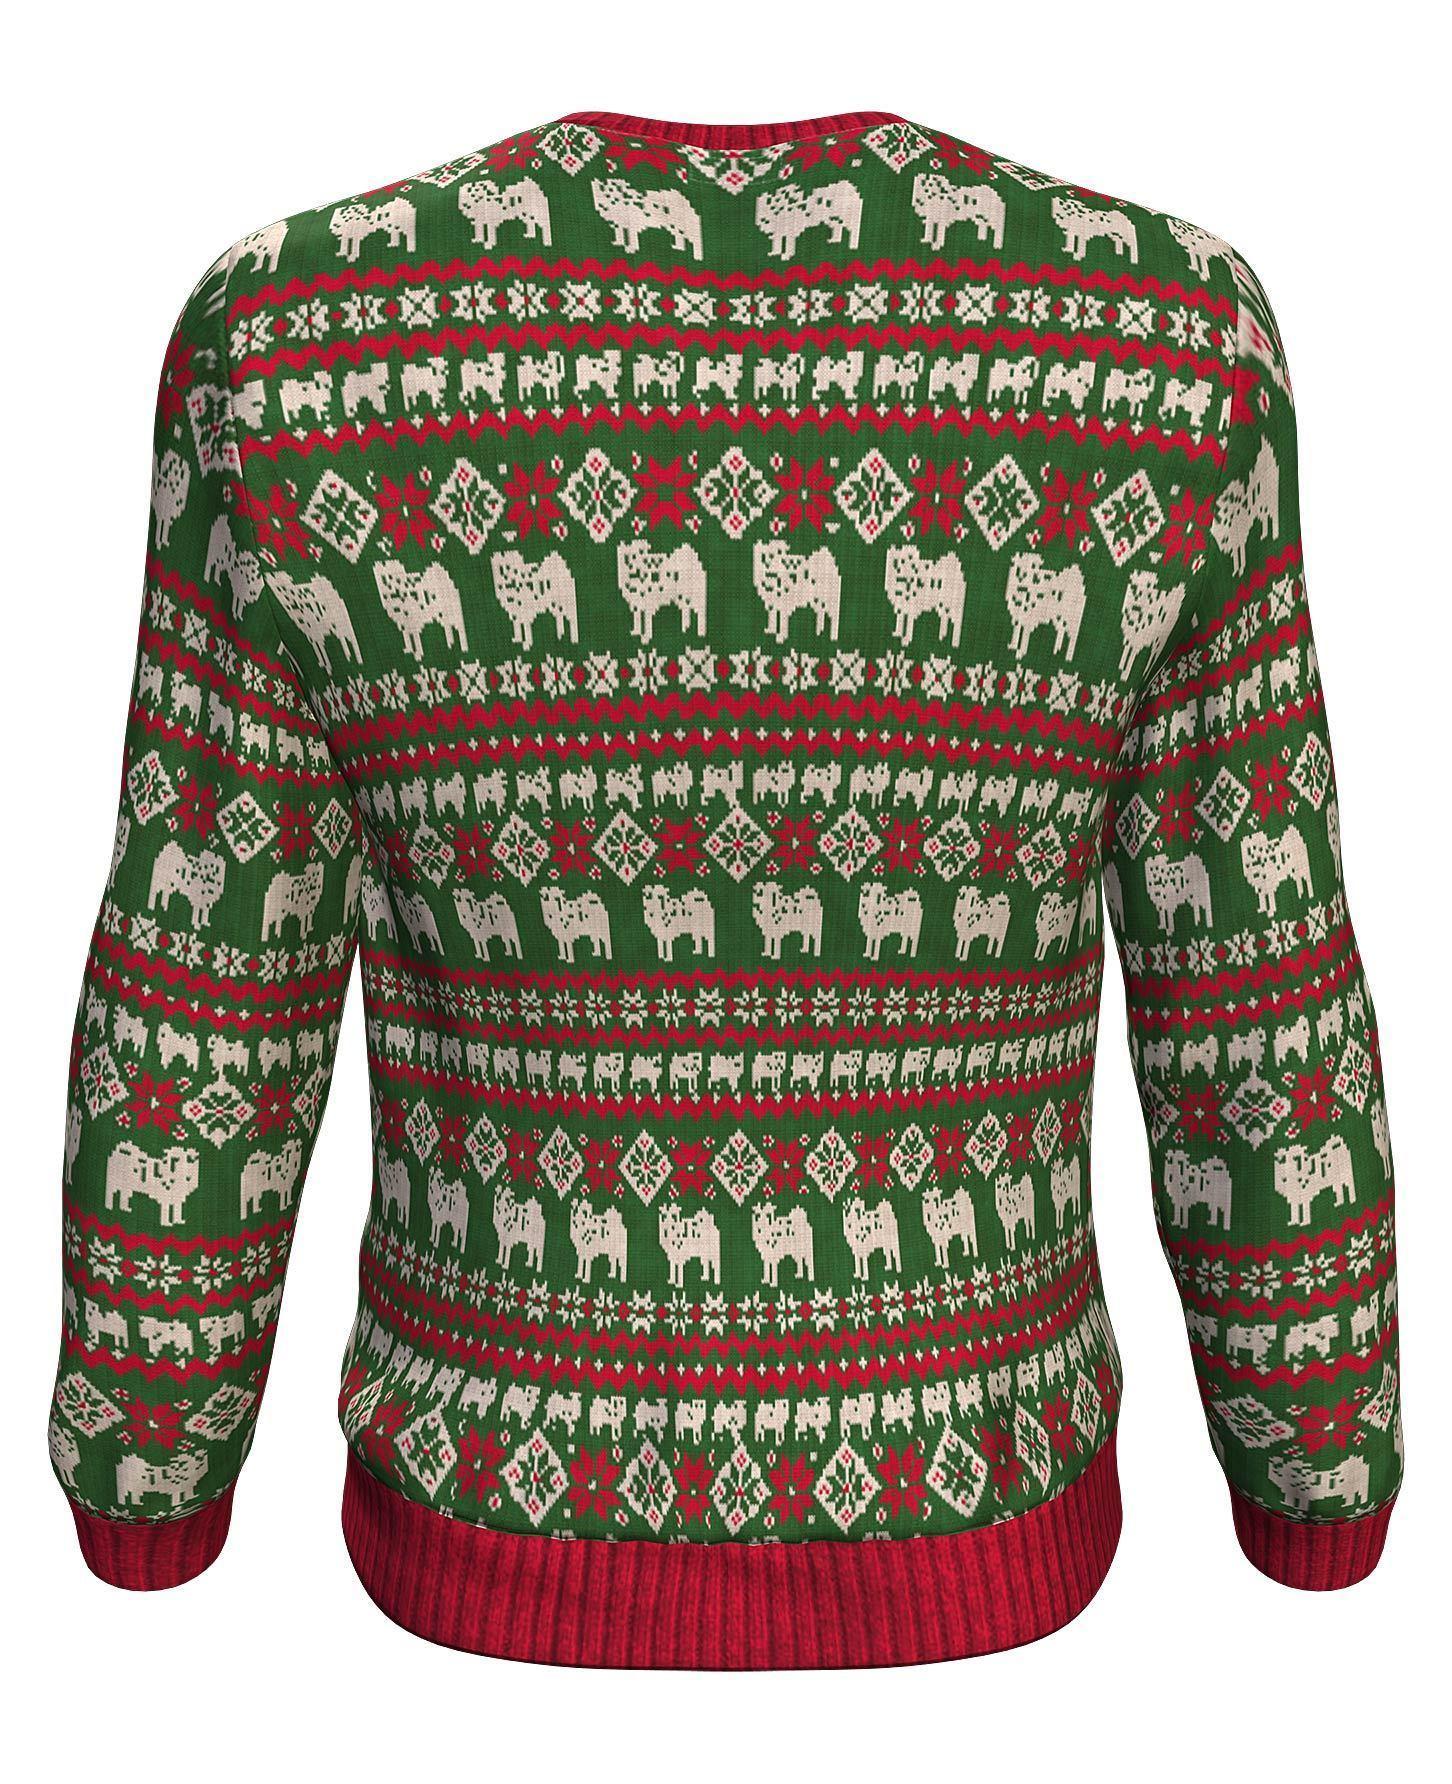 Christmas bah humpug all over print sweater - maria 2